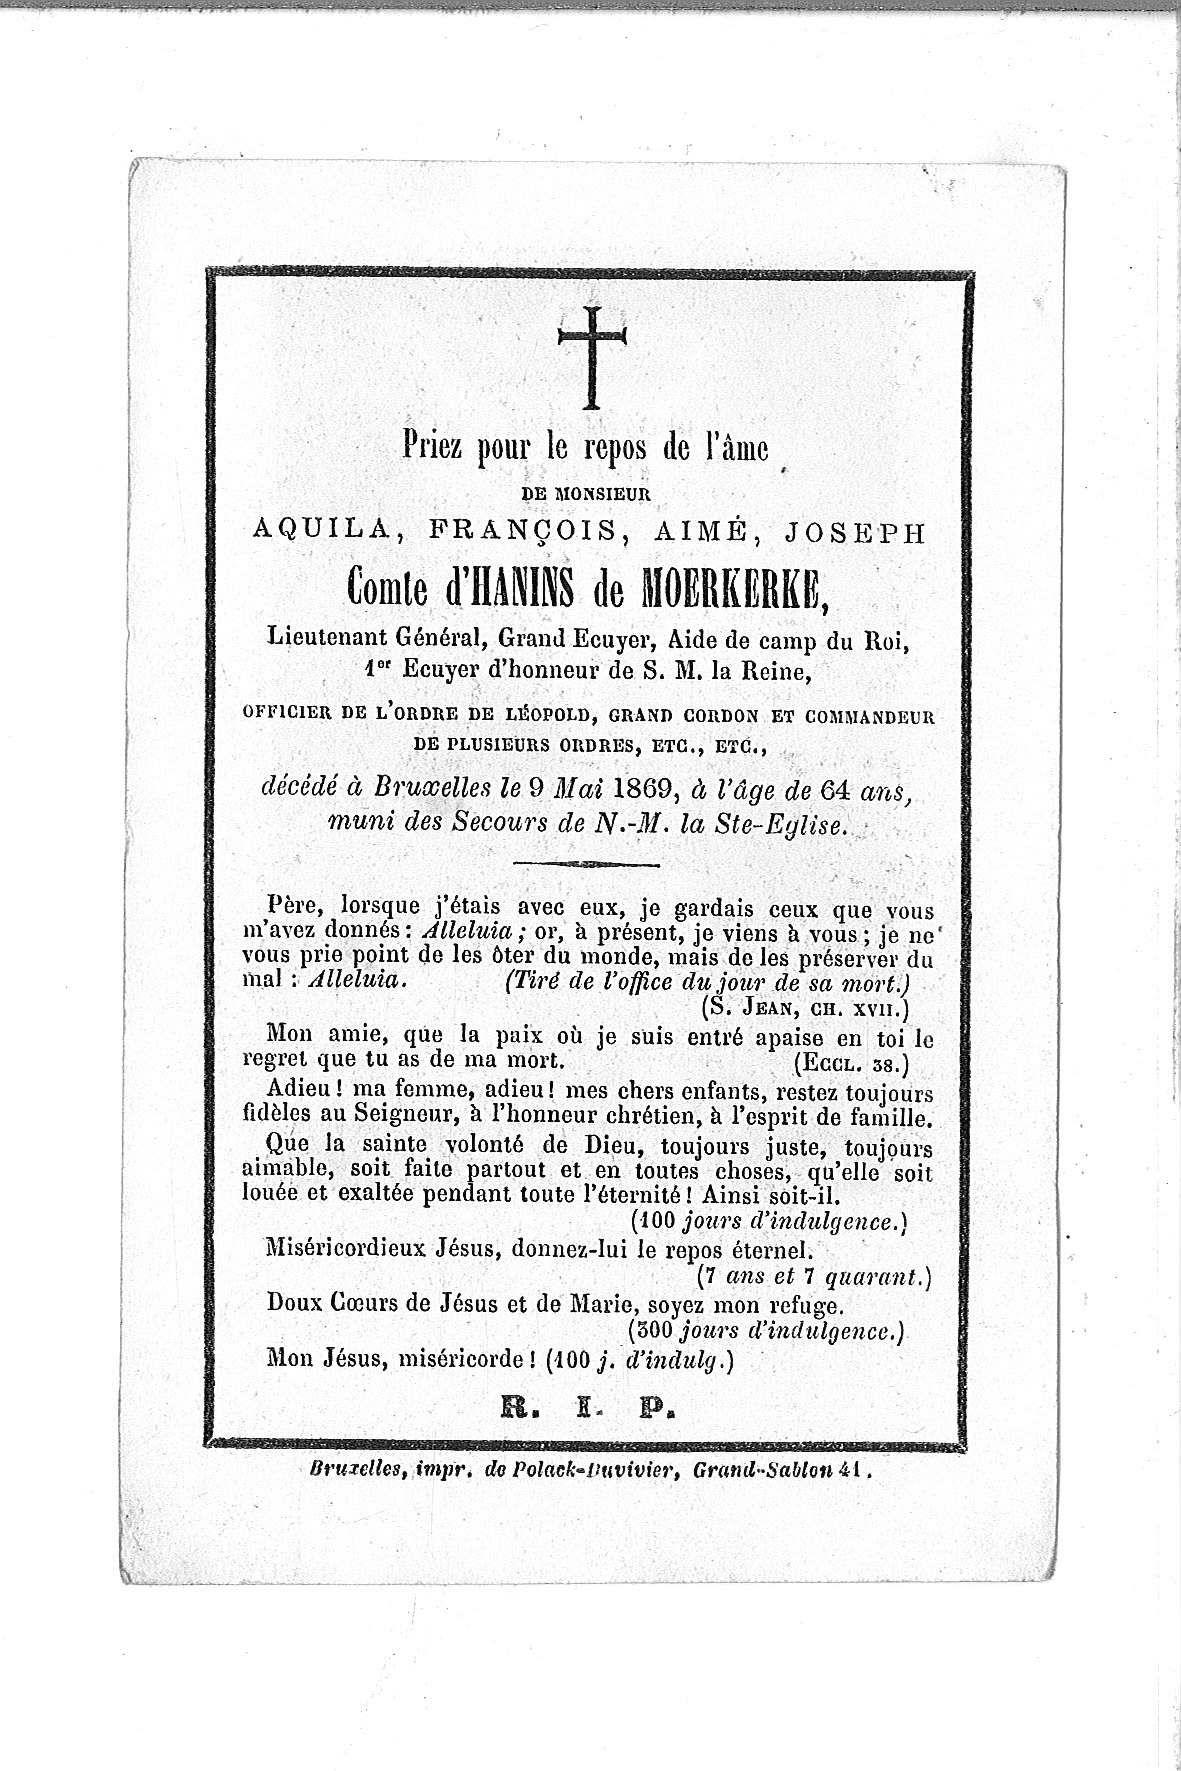 Aquila-François-Aimé-Joseph-(1869)-20120920162809_00015.jpg